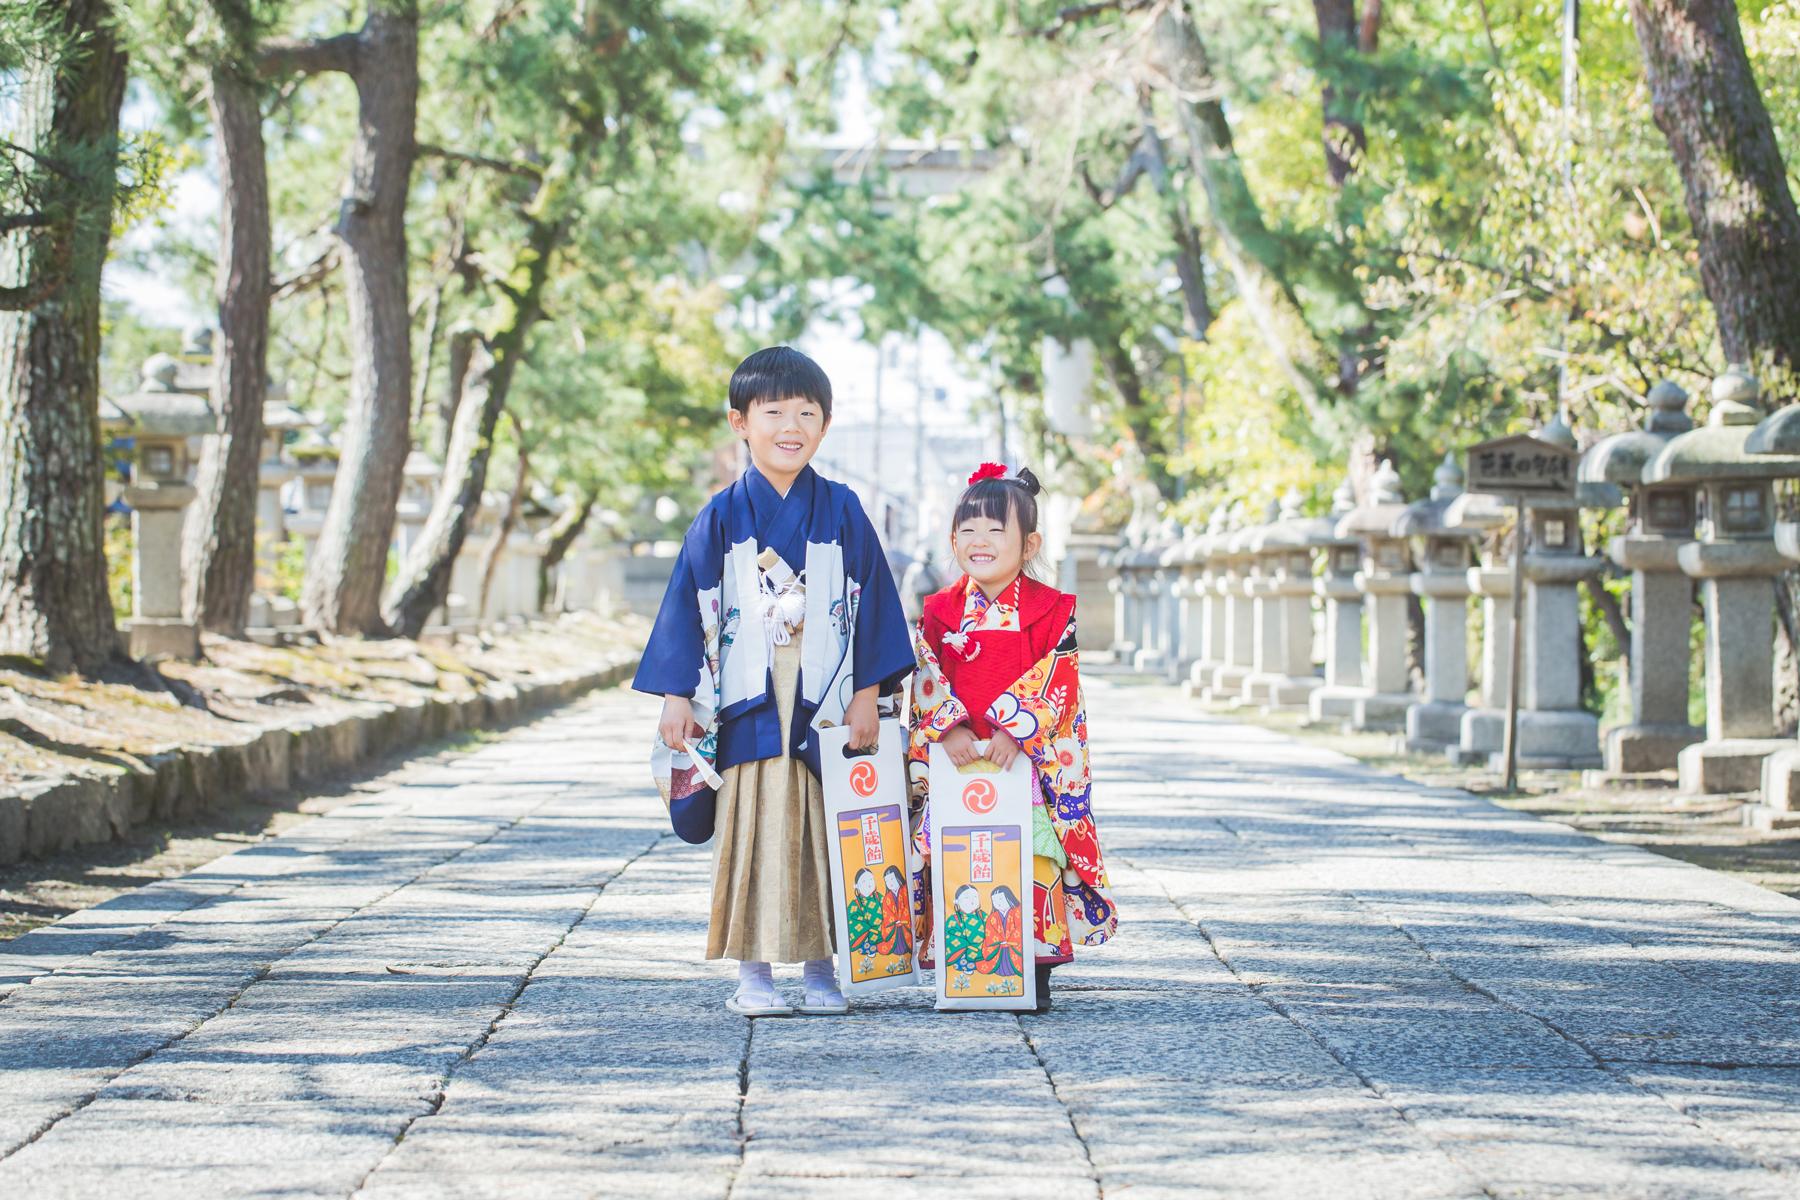 滋賀県長浜市で兄妹さんの七五三出張撮影